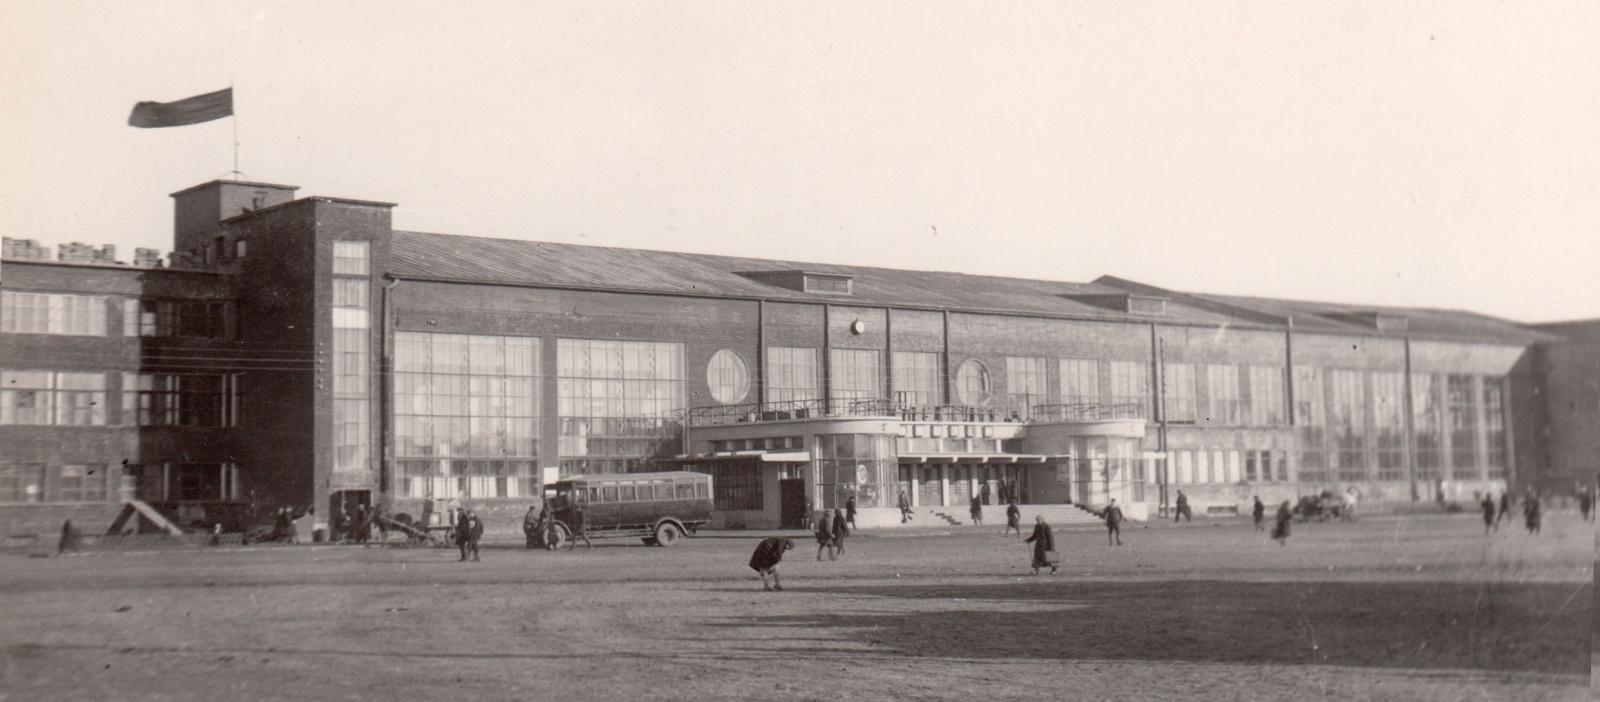 Первый советский вокзал, созданный в конструктивизме - 1